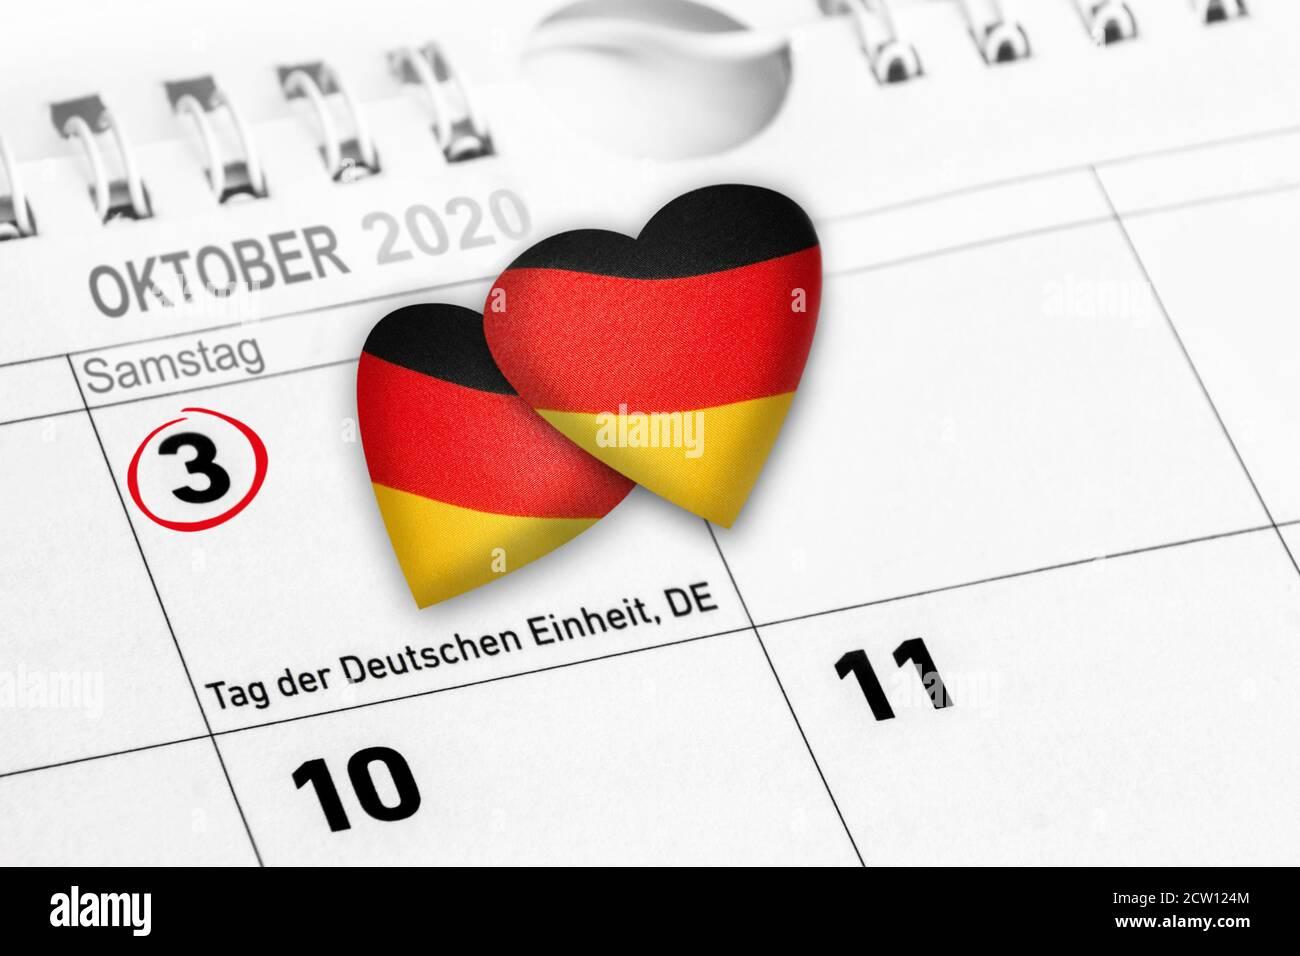 30 Jahre Tag der Deutschen Einheit Stock Photo